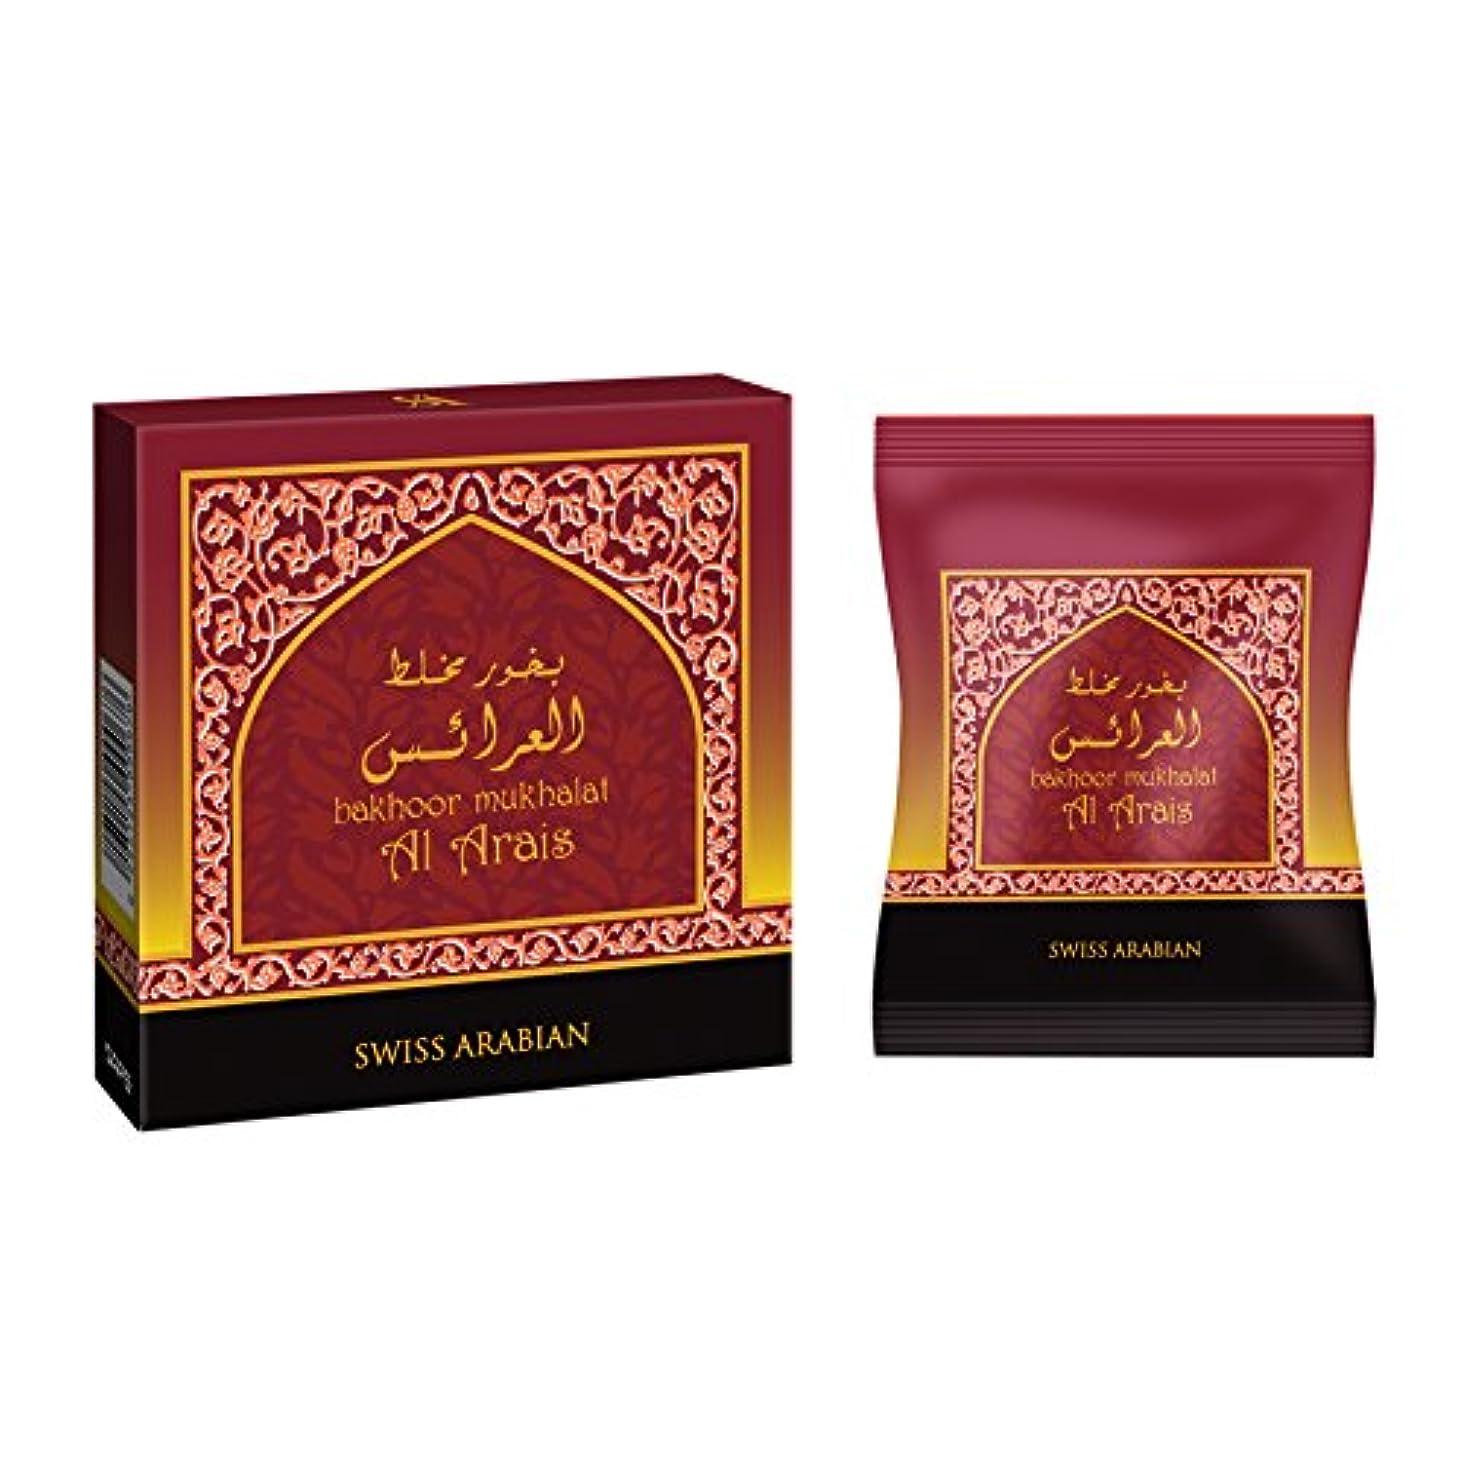 他の日苦情文句慈善swissarabian Mukhalat Al Arais Bakhoor (40g) Incense